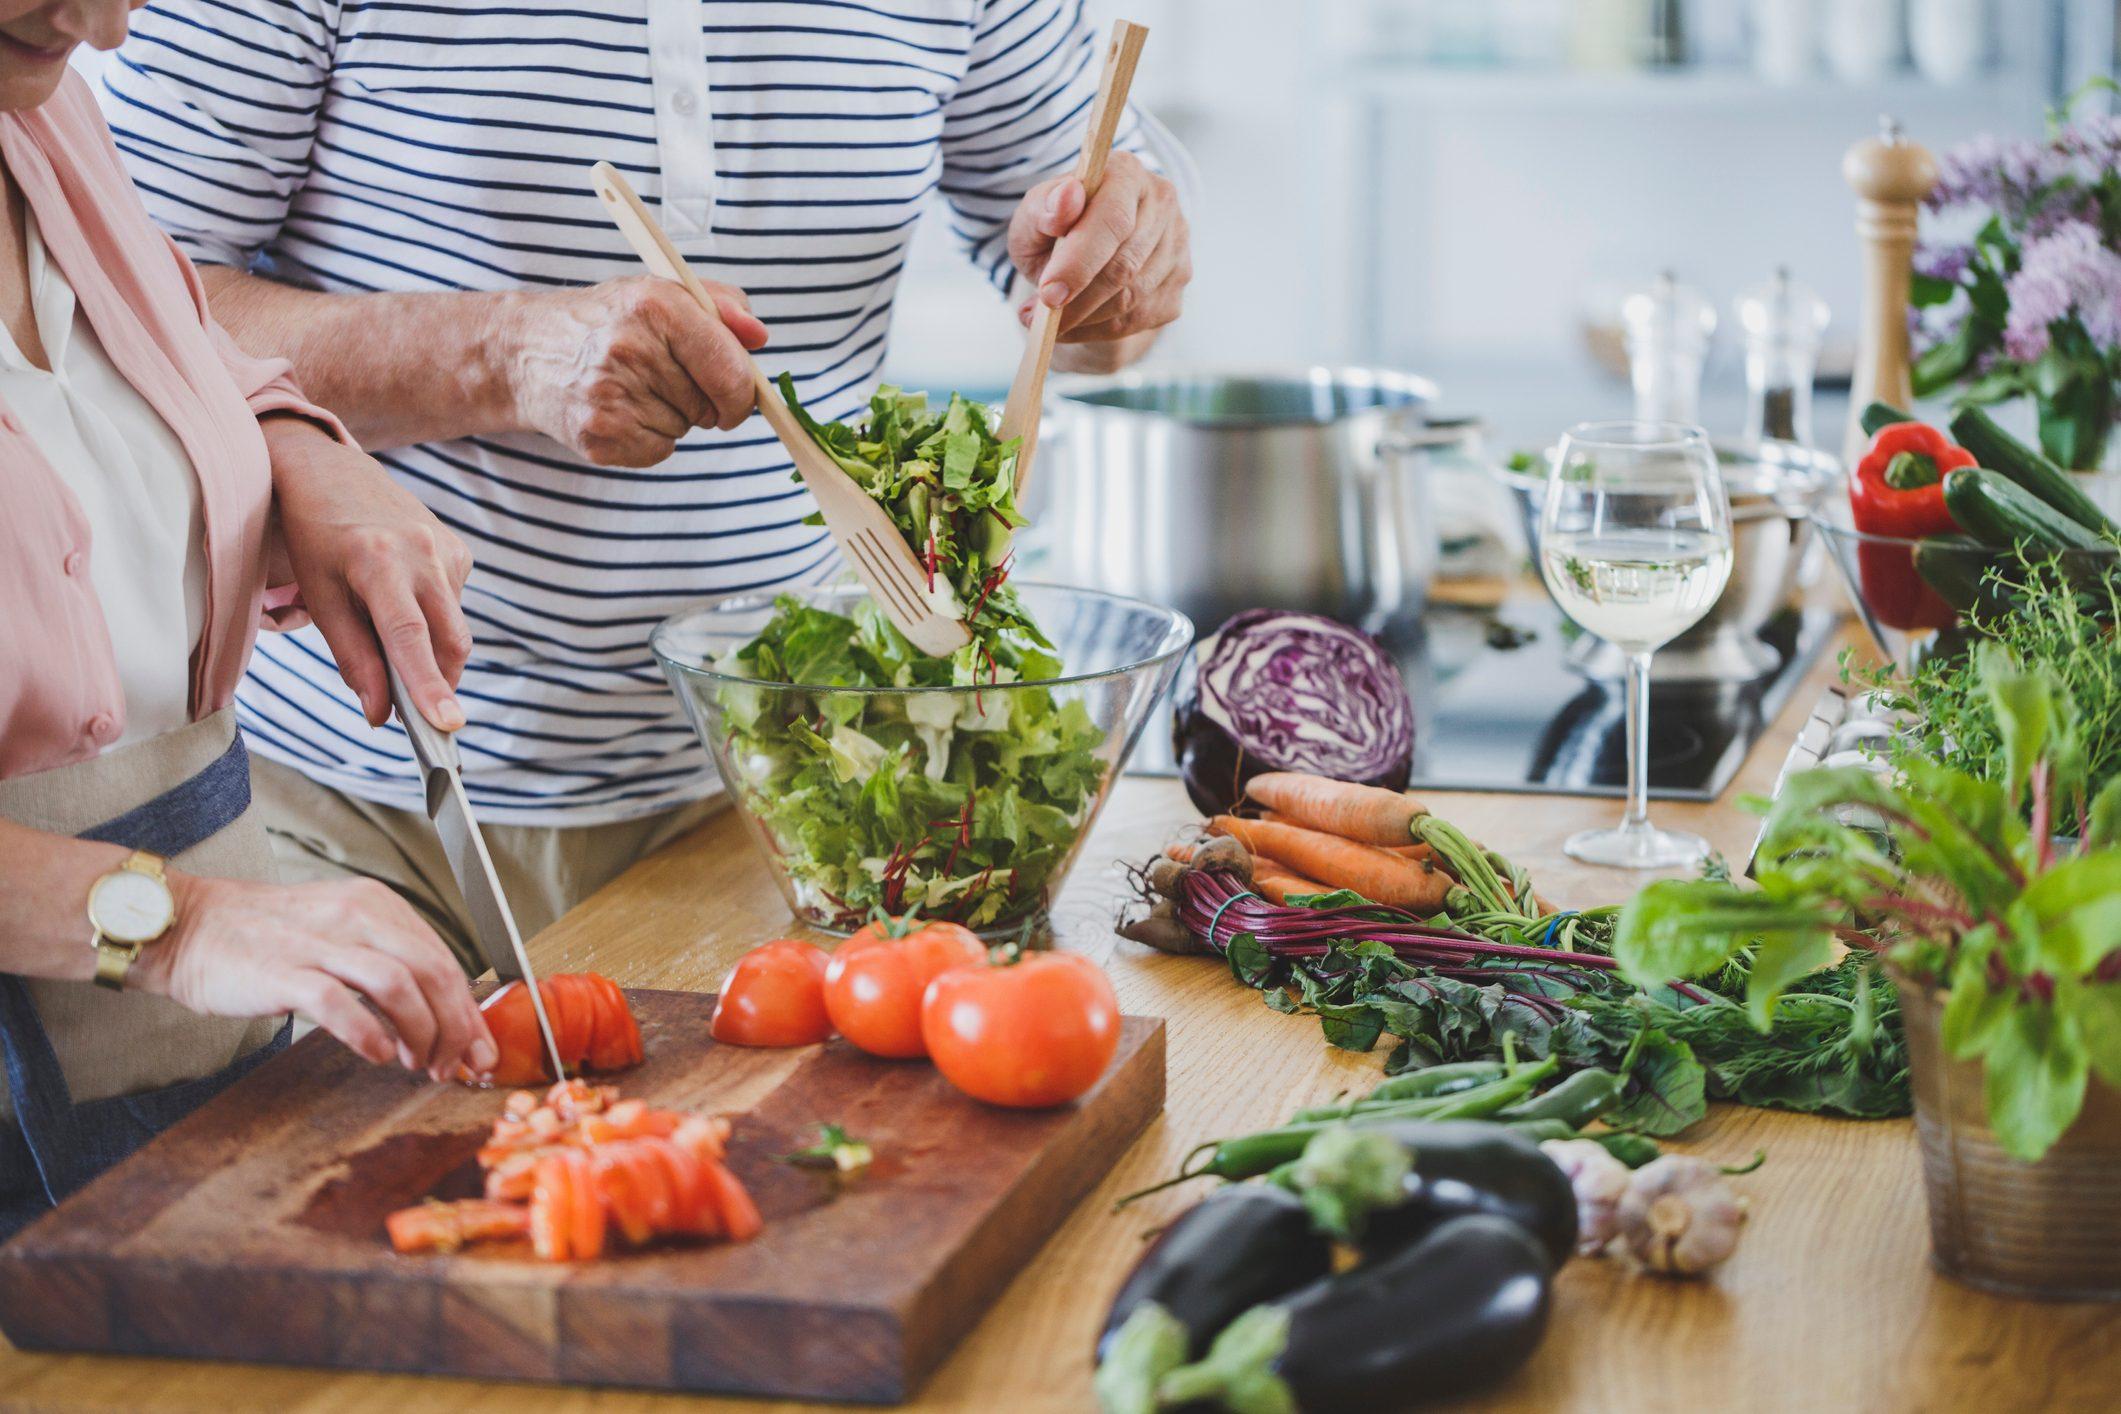 Ba Lan: Ăn ở nhà thường xuyên hơn ăn ngoài